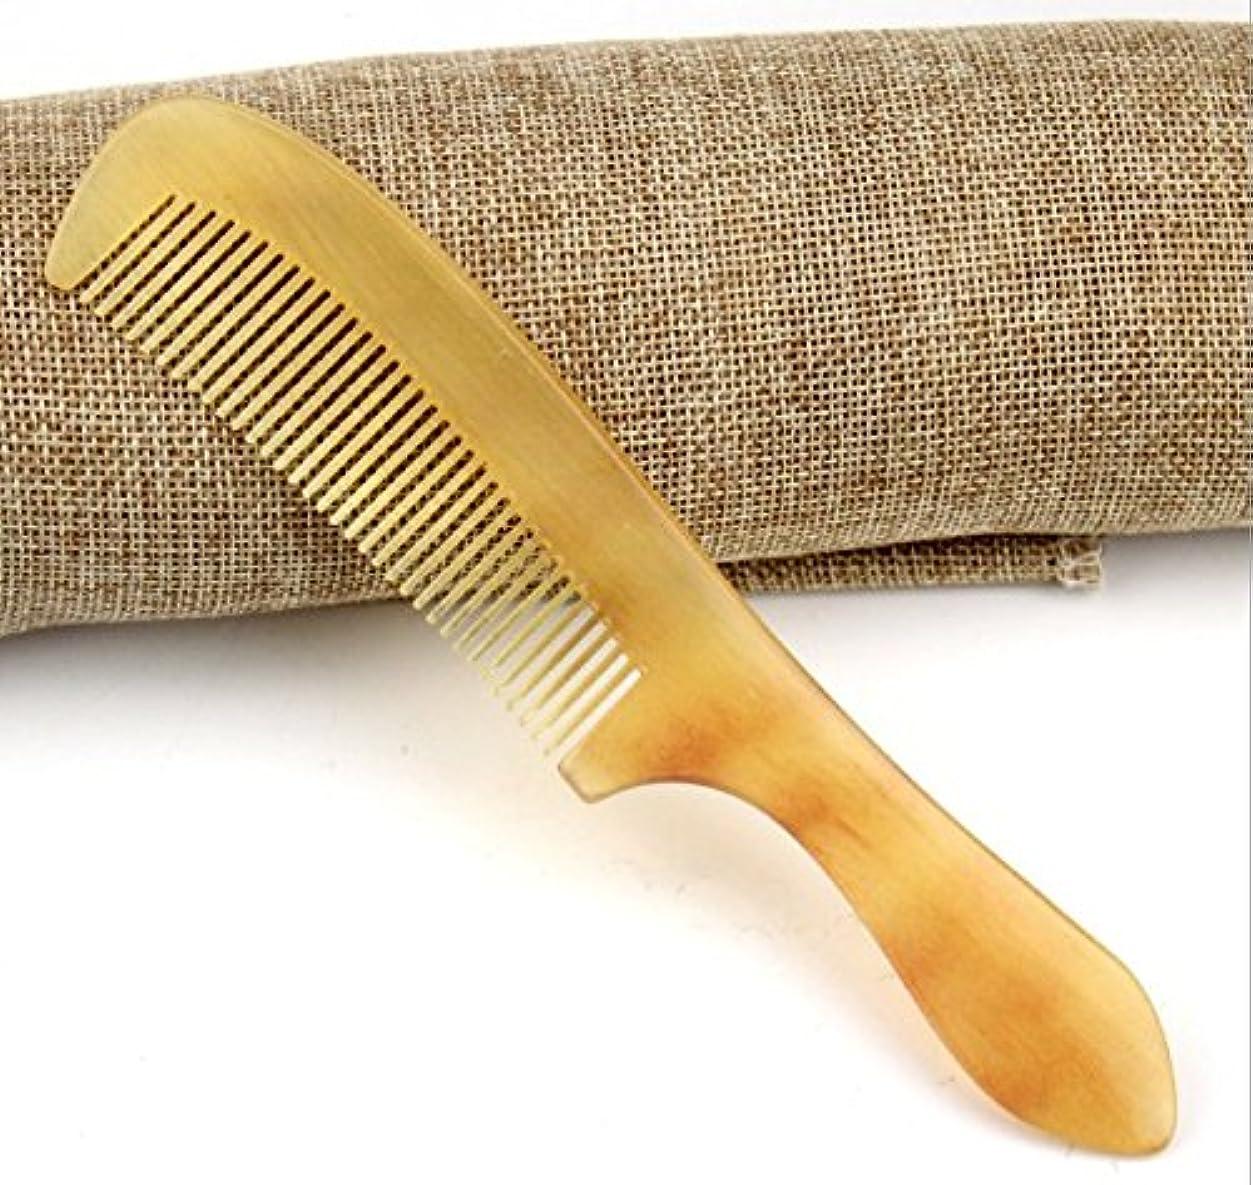 断線許すのぞき見櫛型 羊角かっさプレート マサージ用 血行改善 高級 天然 静電気 防止 美髪